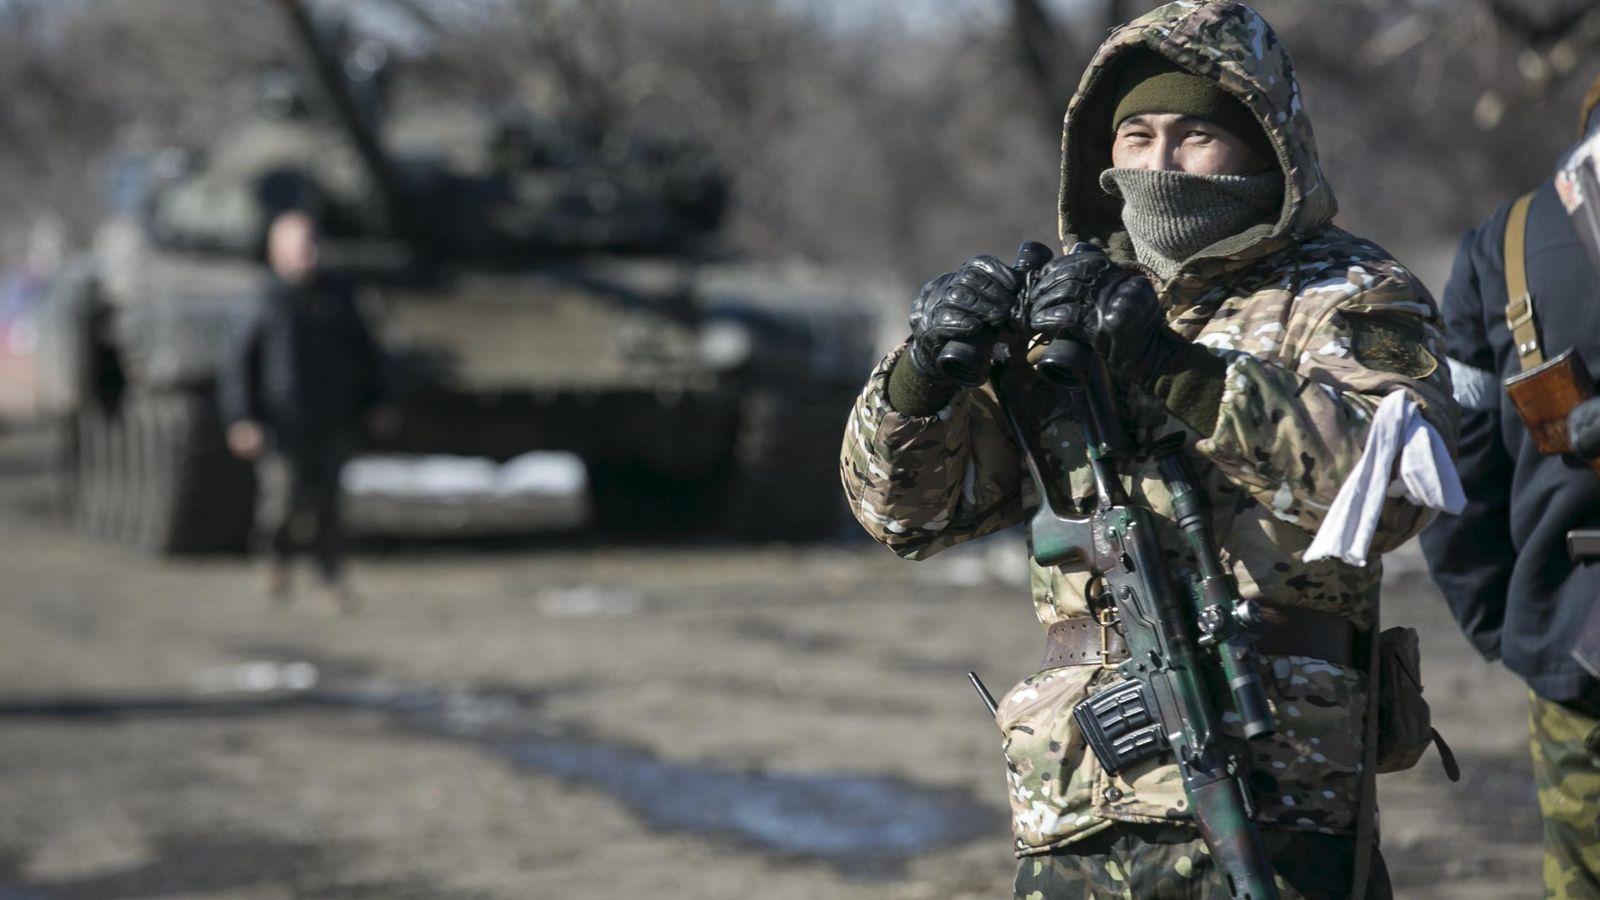 Foto: Un soldado de la autoproclamada República Popular de Donetsk monta guardia en un puesto de control, en febrero de 2015. (Reuters)